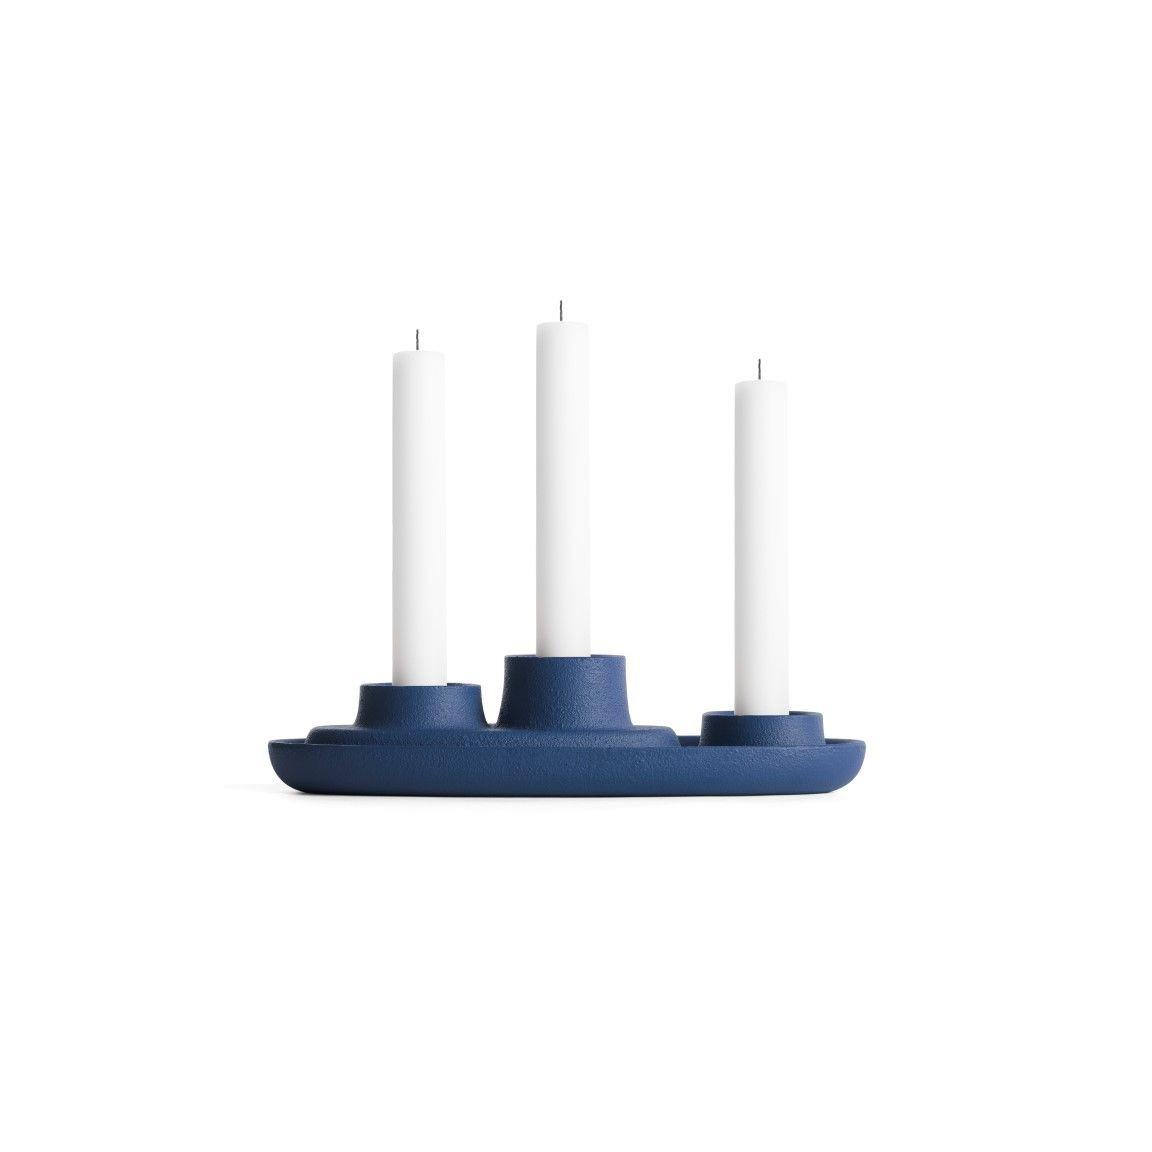 Kerzenhalter für 3 Kerzen | Marine